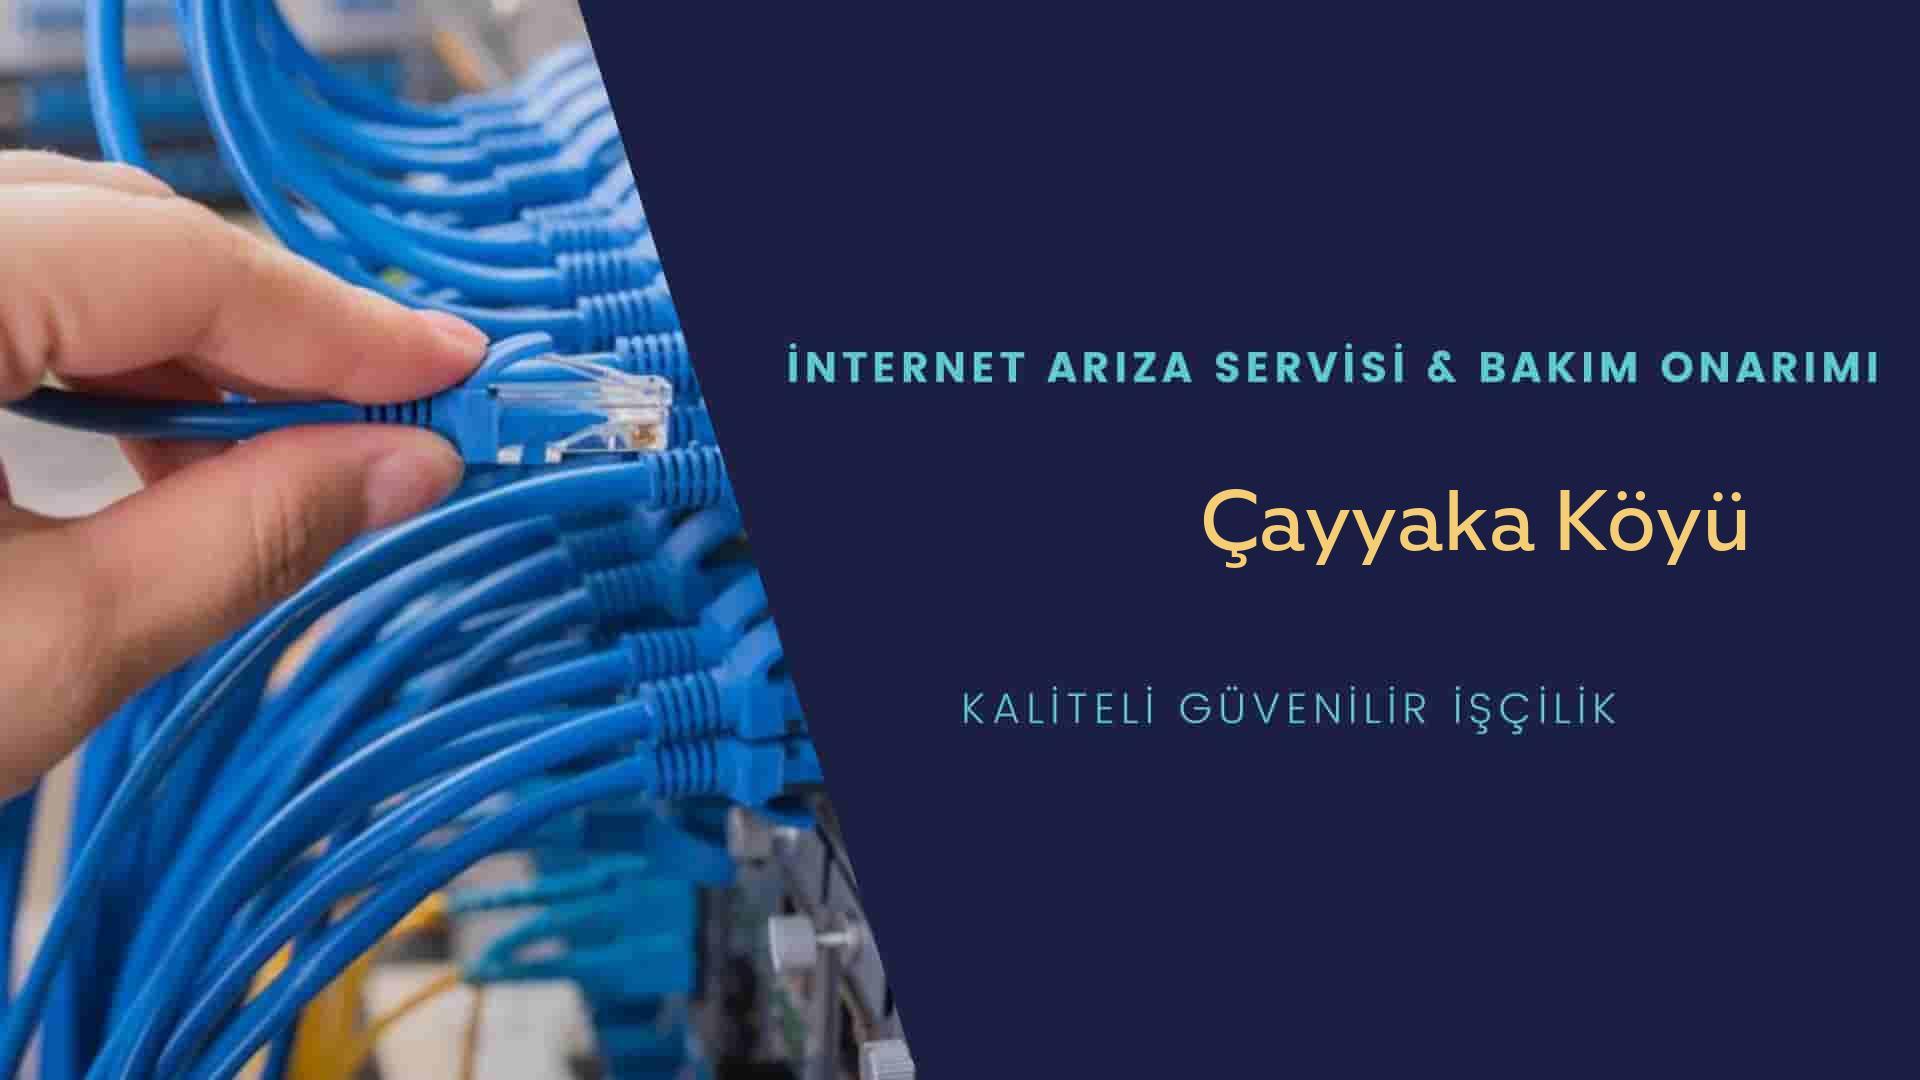 Çayyaka Köyü internet kablosu çekimi yapan yerler veya elektrikçiler mi? arıyorsunuz doğru yerdesiniz o zaman sizlere 7/24 yardımcı olacak profesyonel ustalarımız bir telefon kadar yakındır size.